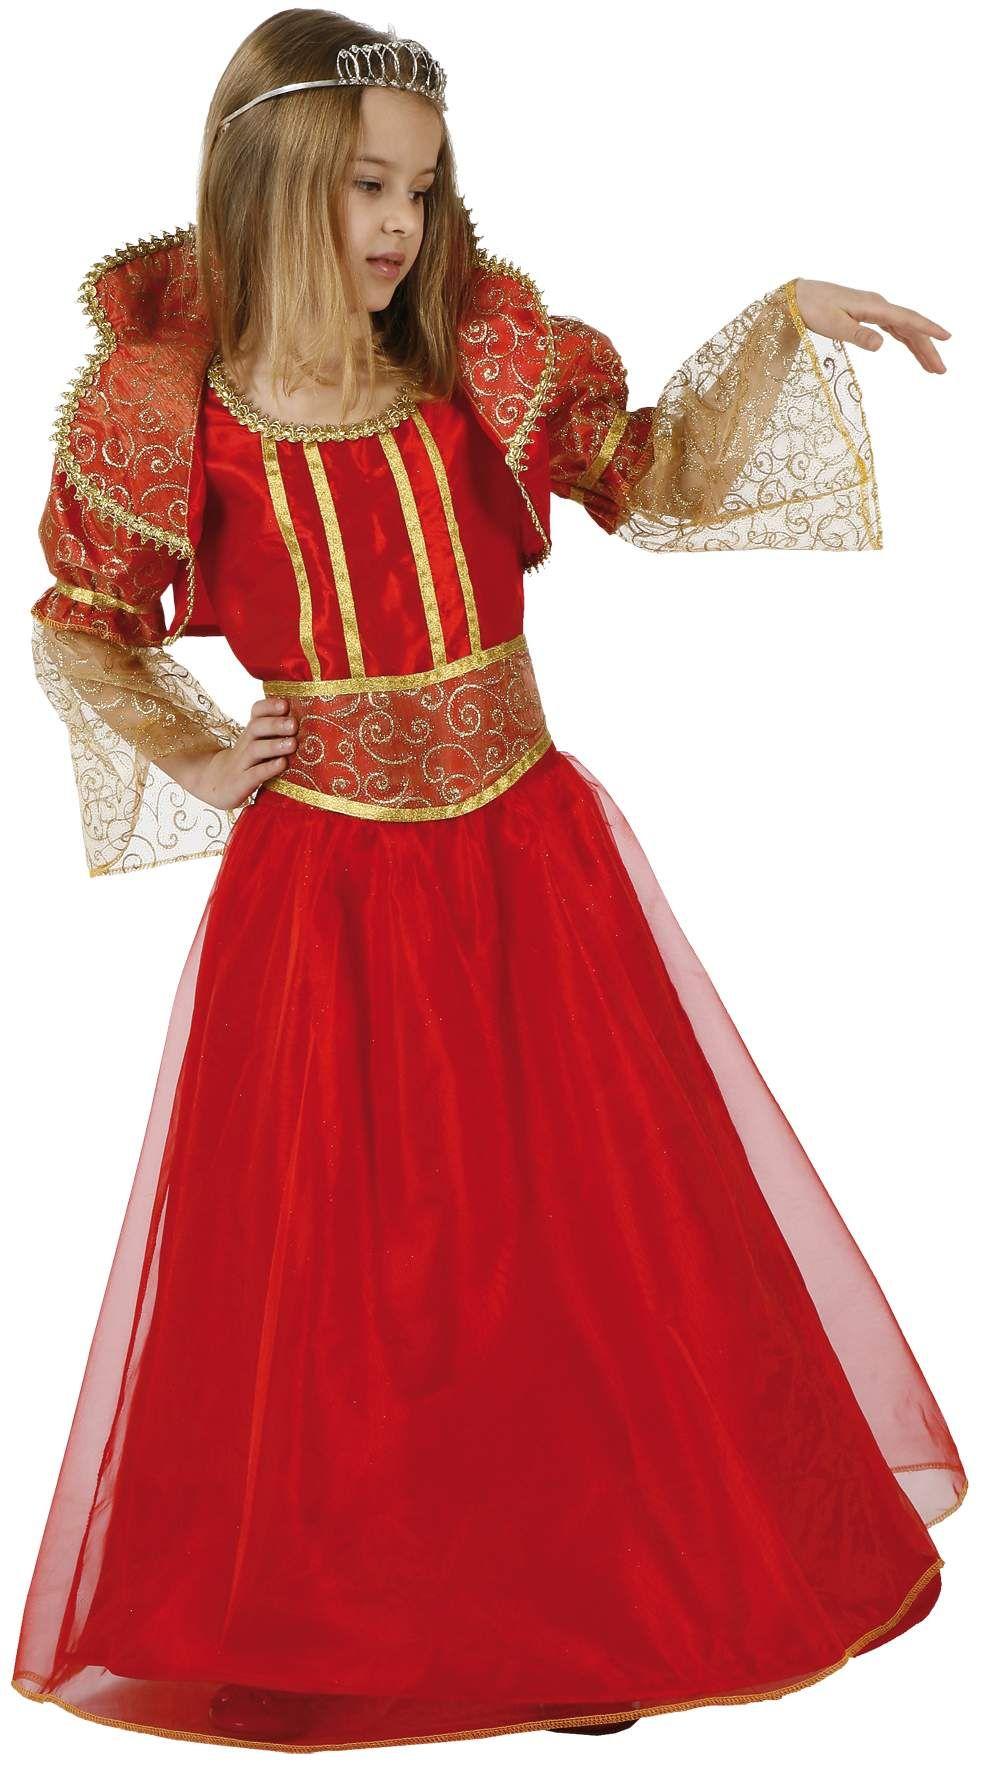 ff250f4e9dd Déguisement reine médiévale fille   Ce déguisement de reine médiévale fille  se compose d une